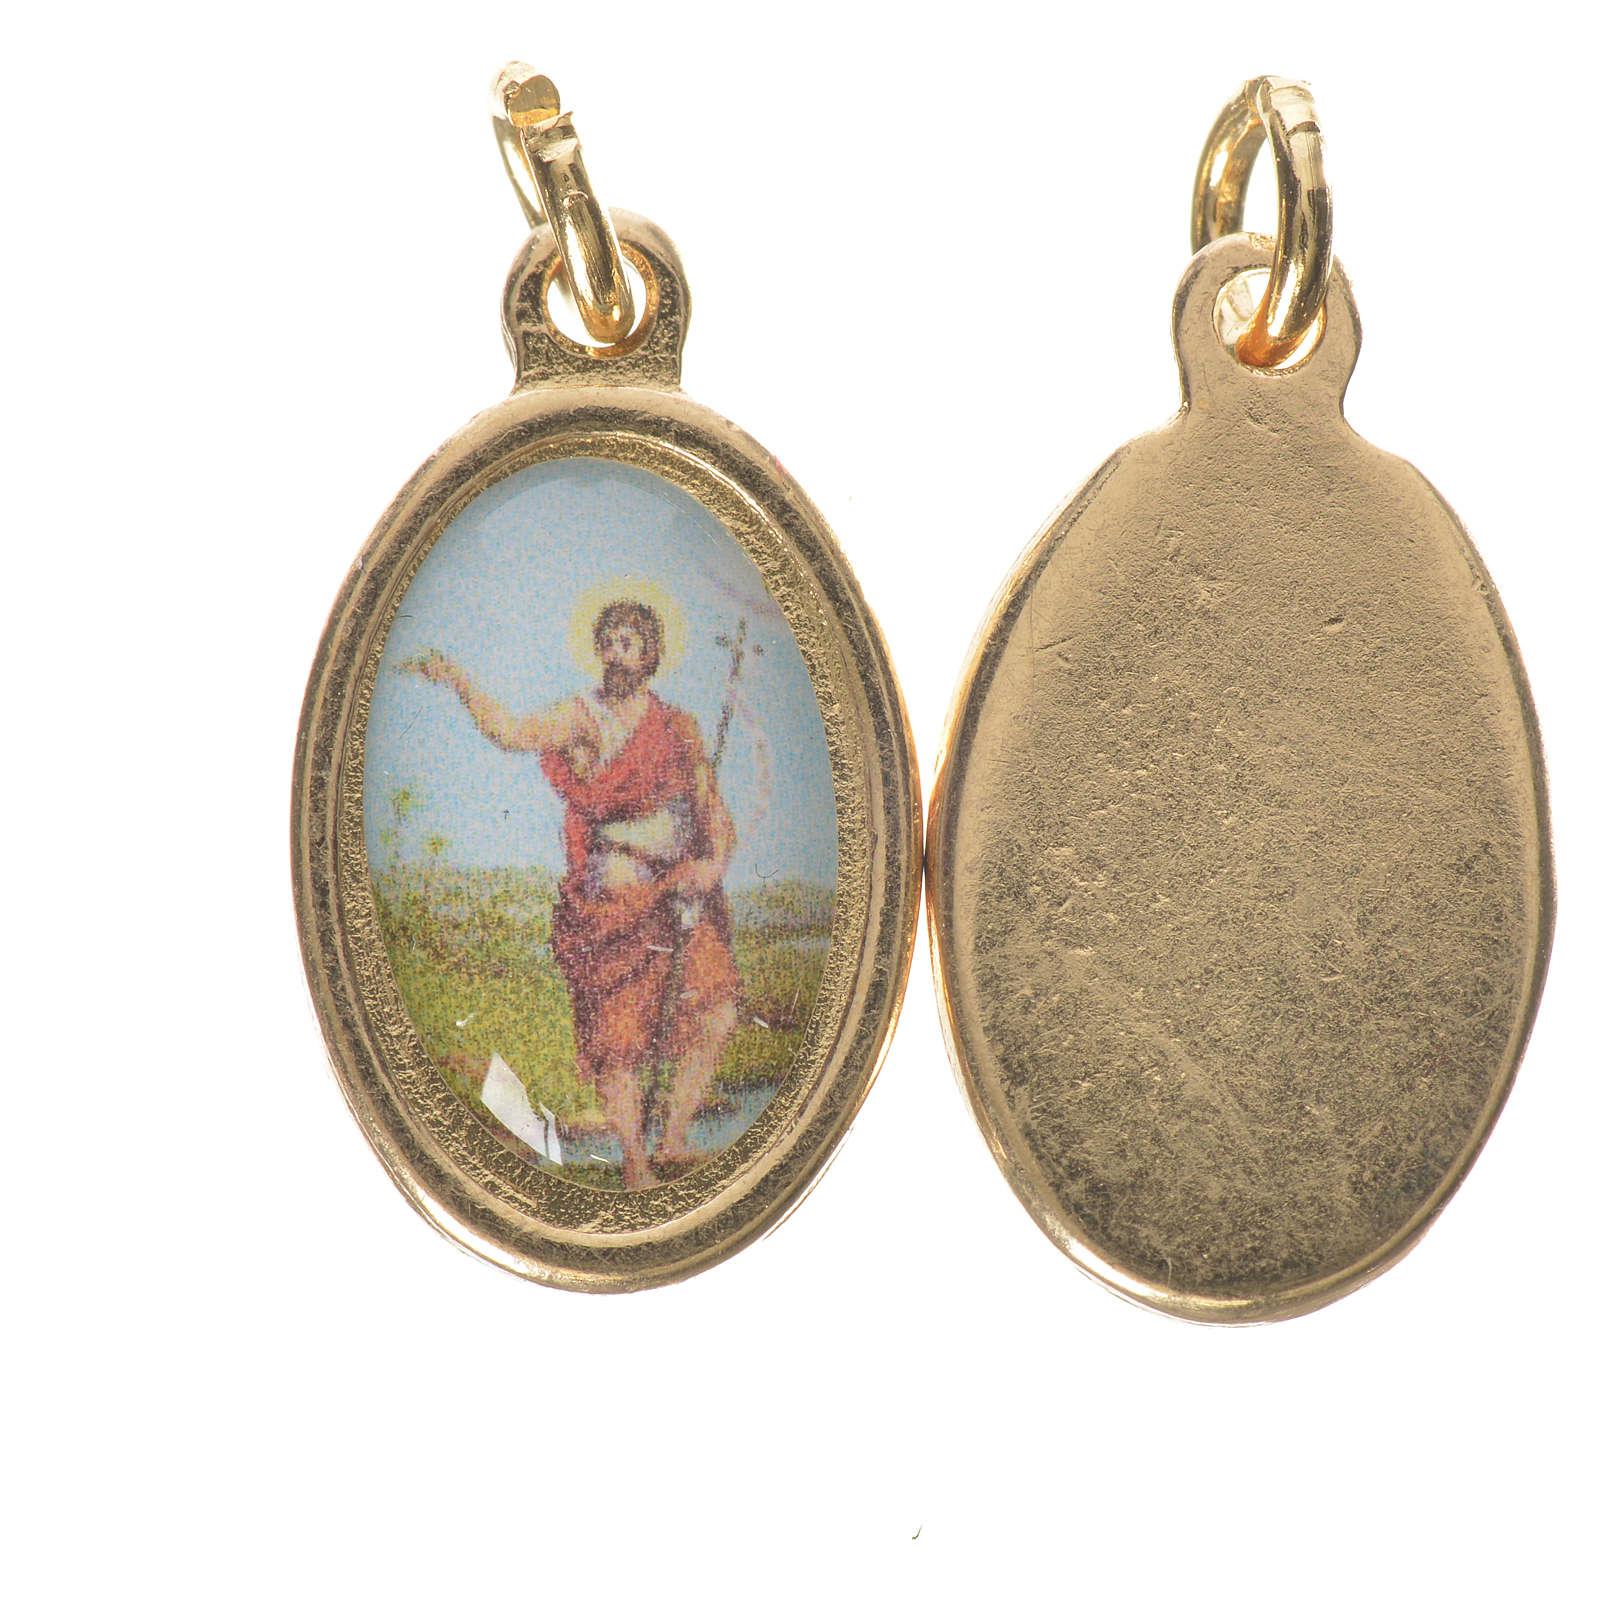 Saint John the Baptist medal in golden metal, 1.5cm 4